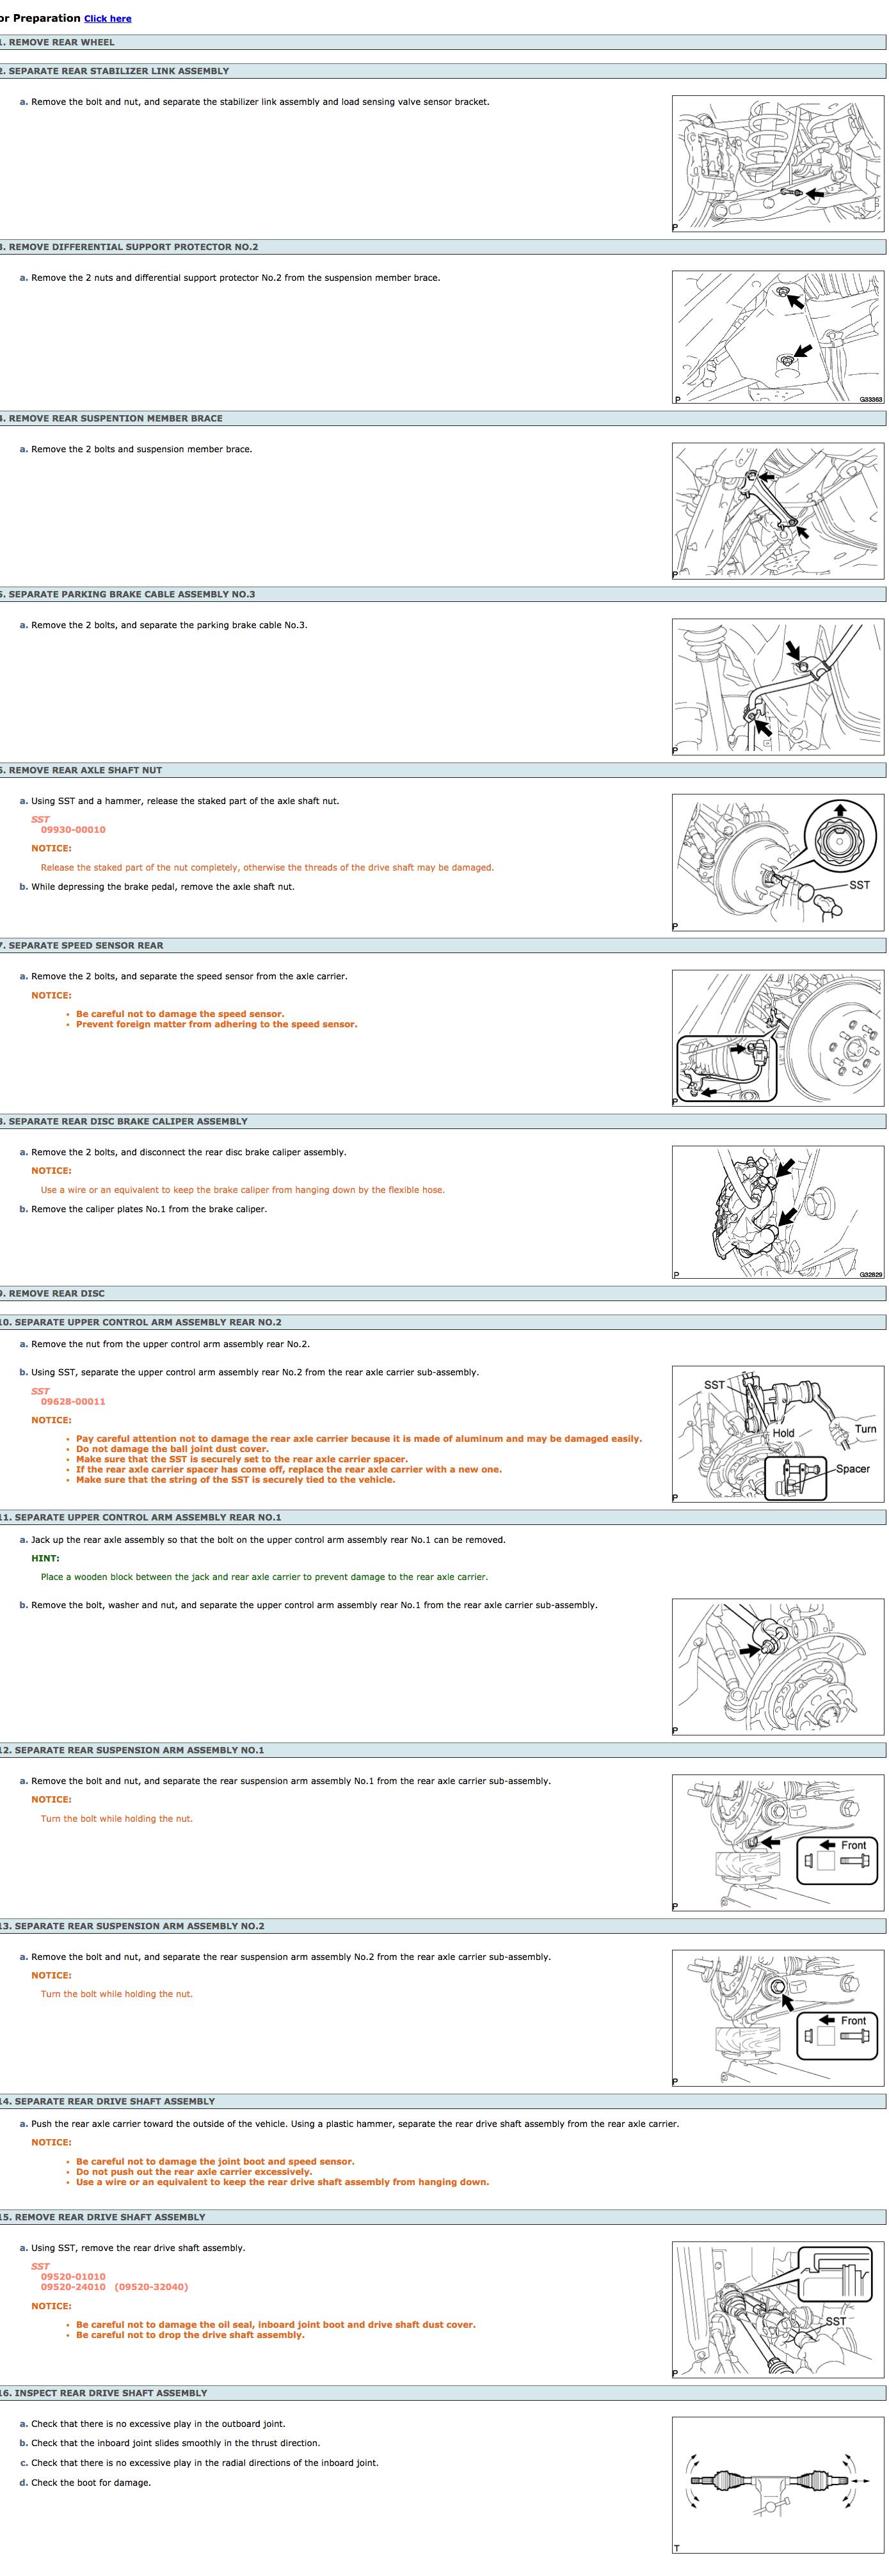 Download 2006-2011 Lexus GS430 Service Repair Manual.